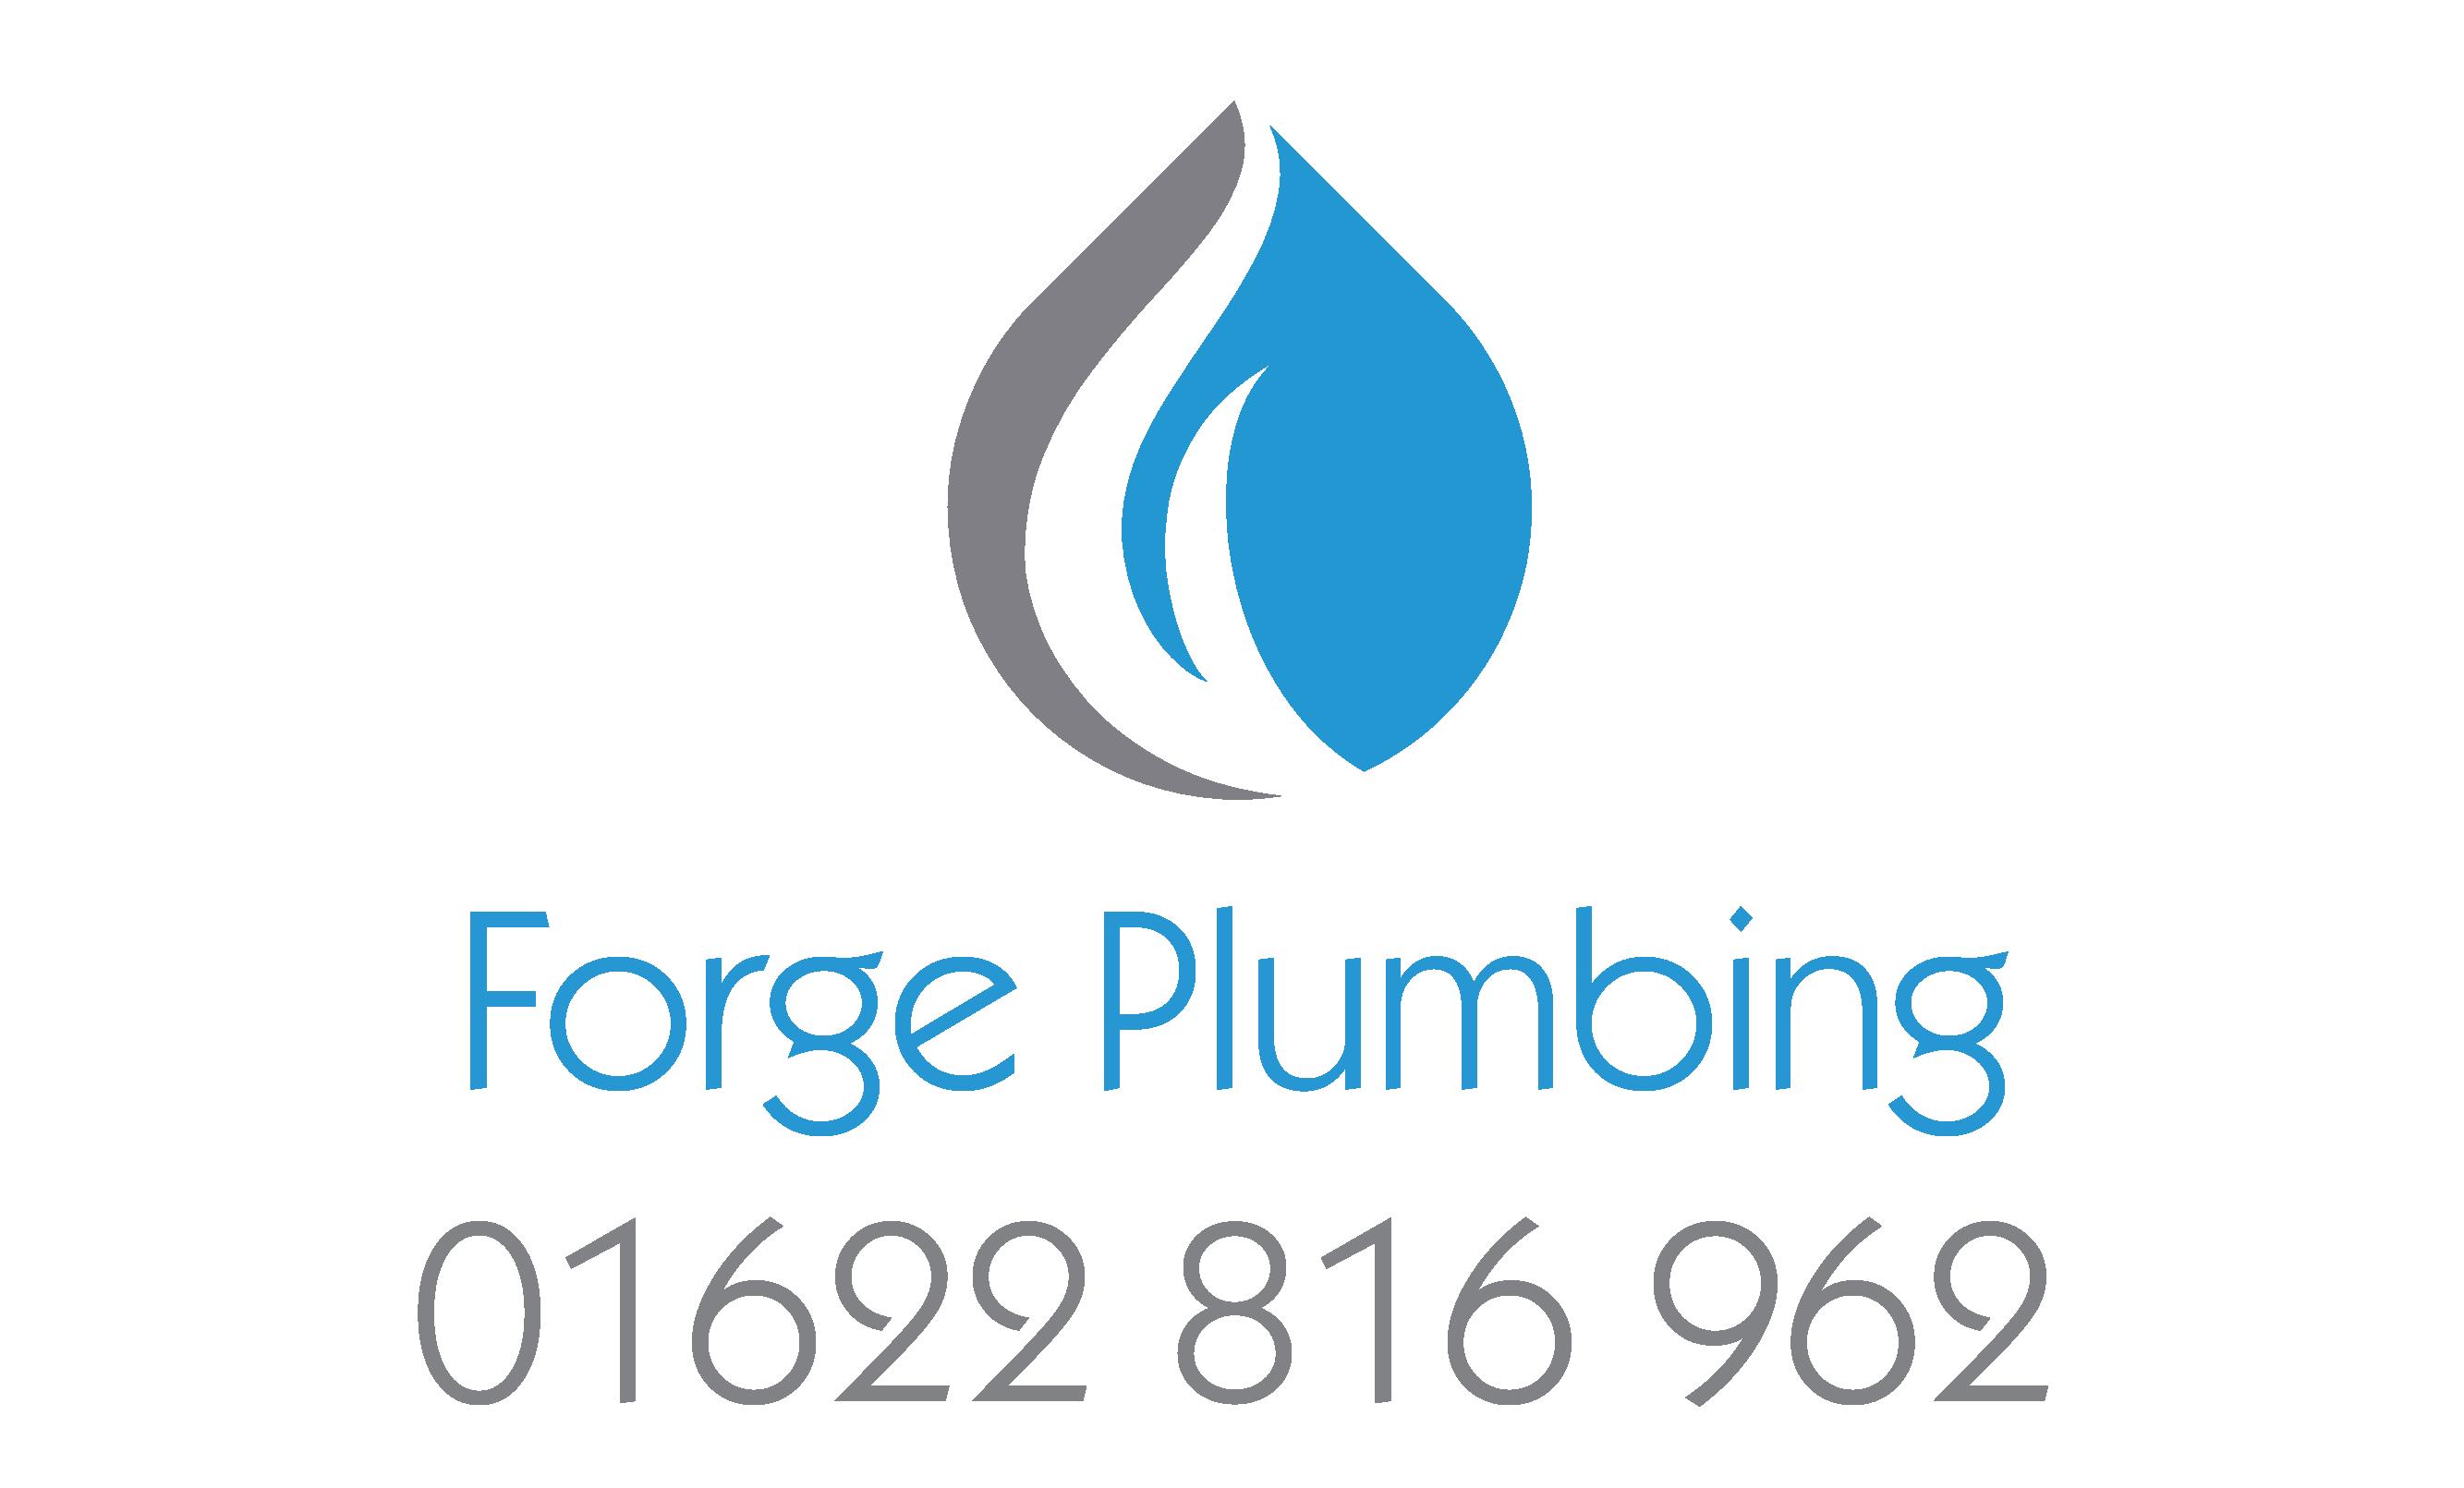 Forge Plumbing Verified Logo